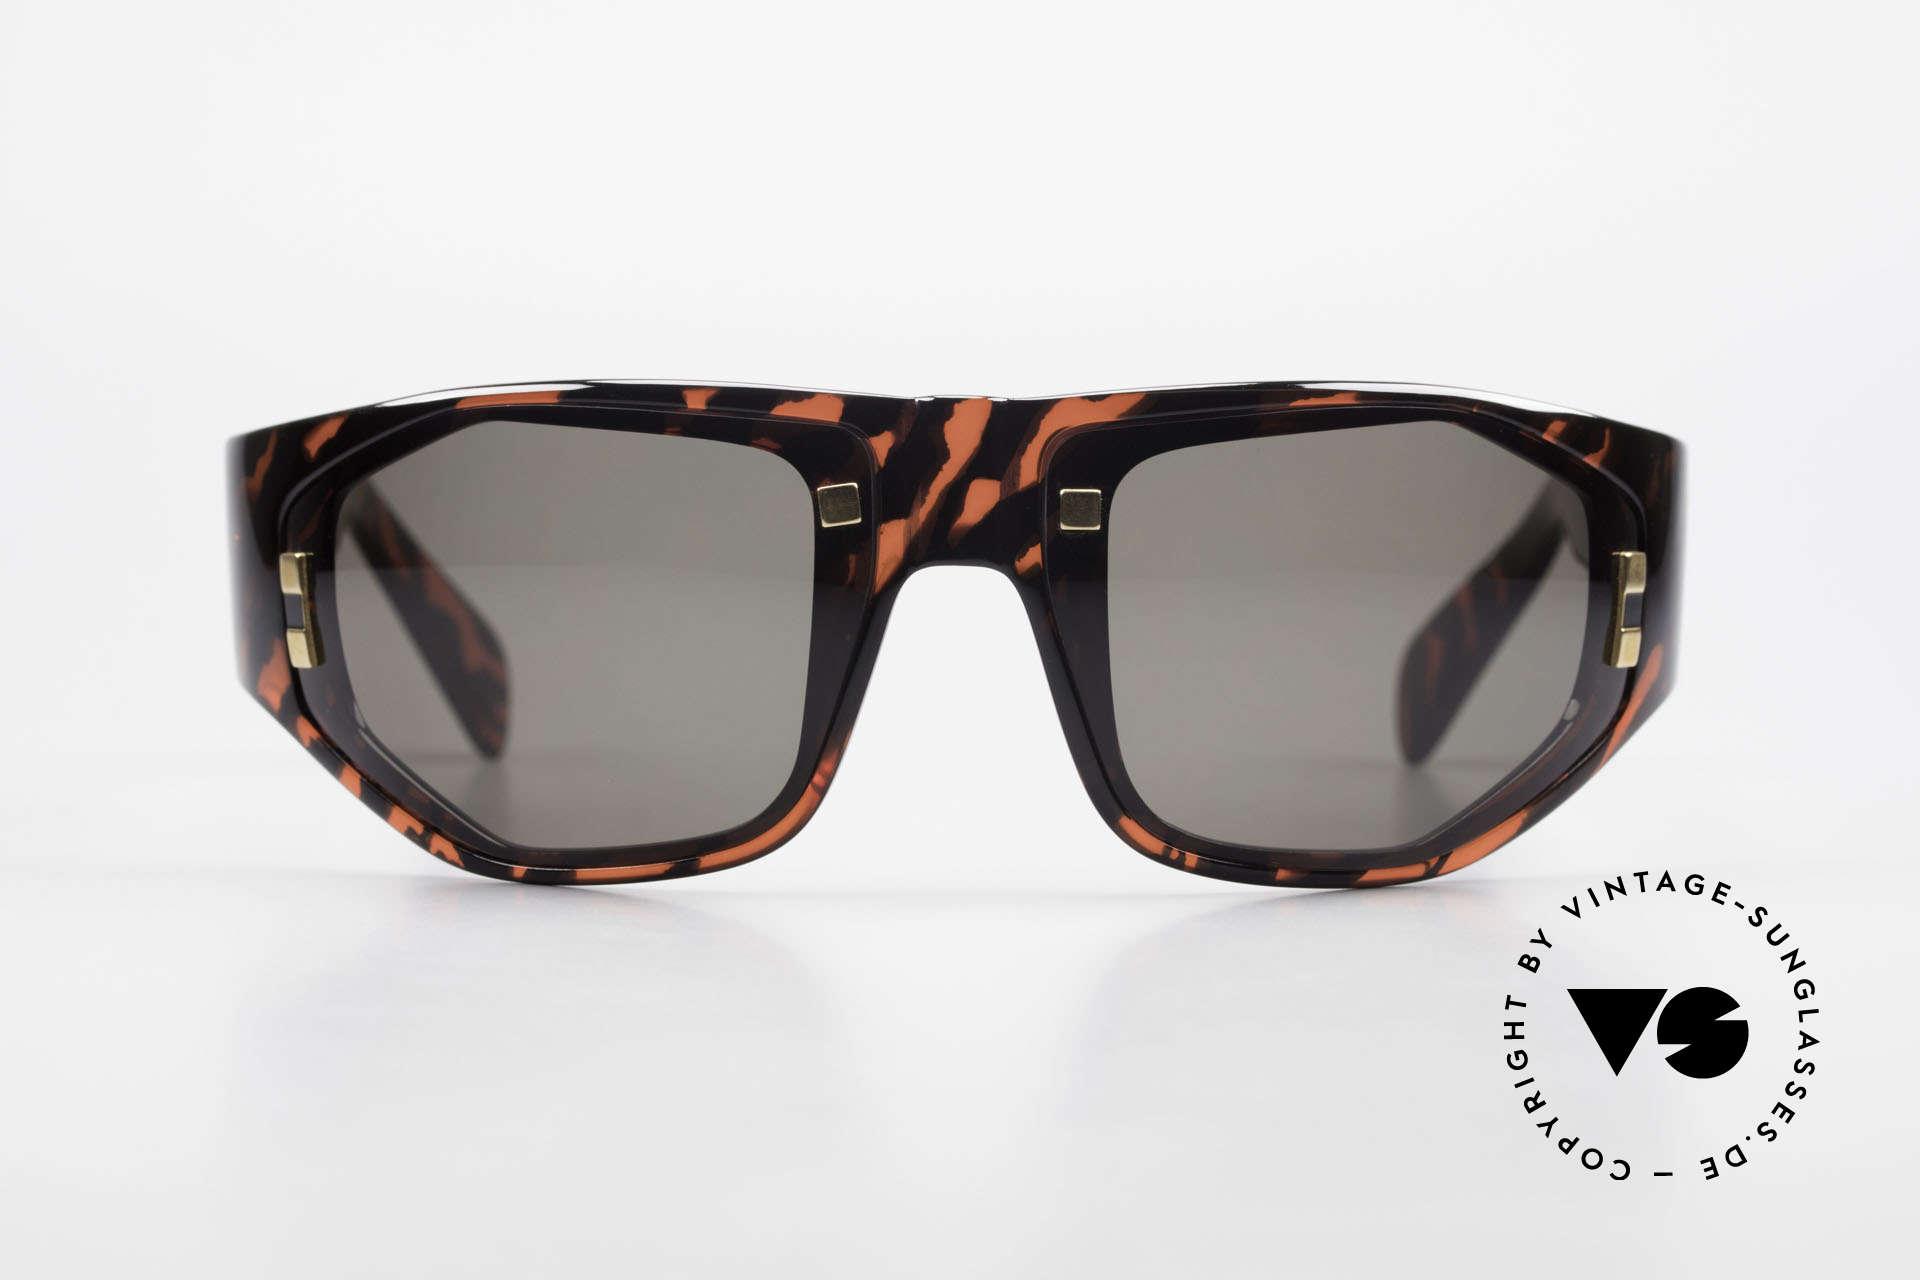 Paloma Picasso 3701 90er Wrap Sonnenbrille Damen, spektakuläre Form mit temperamentvollen Muster, Passend für Damen